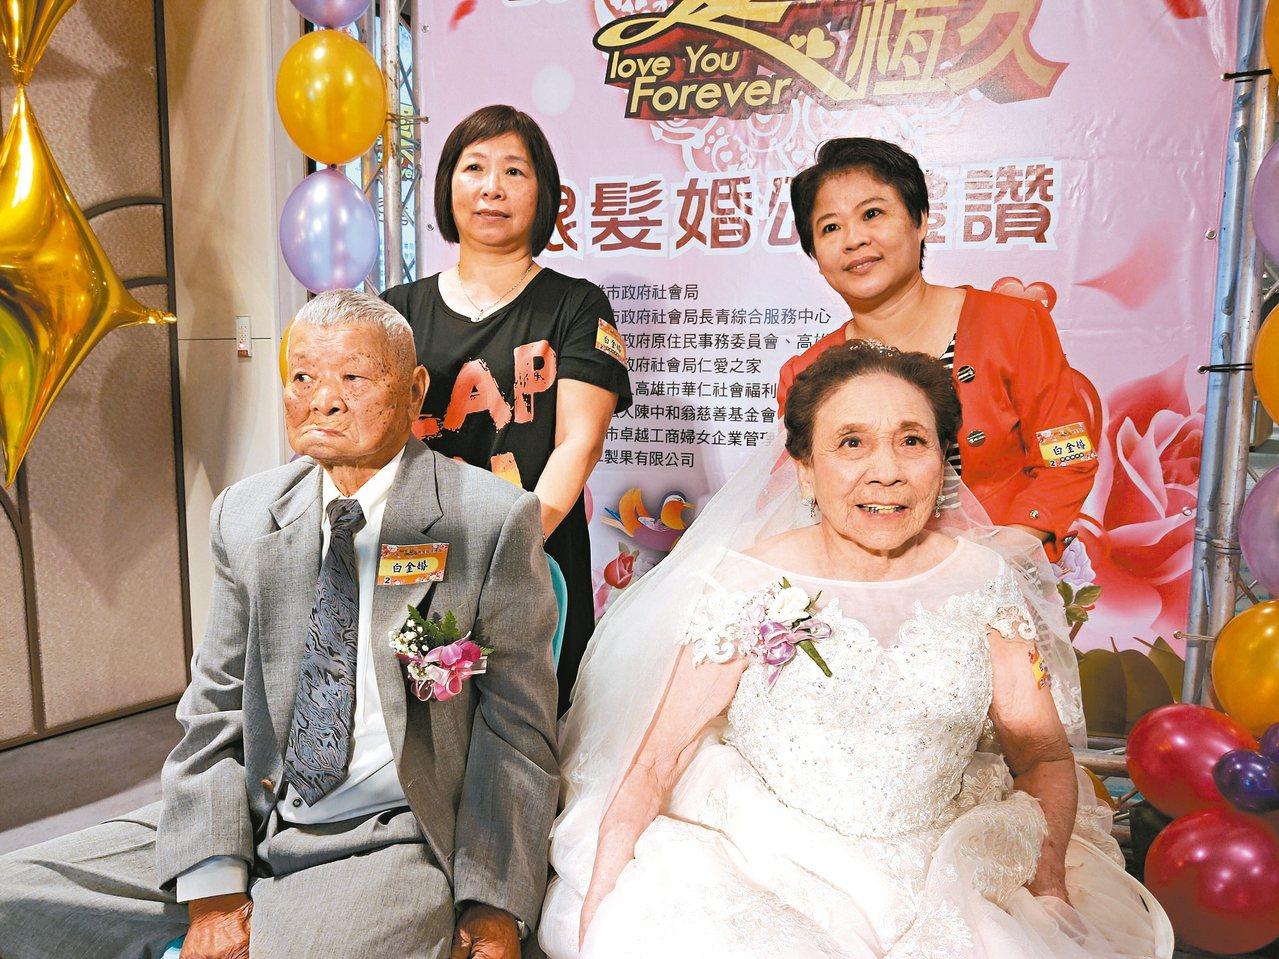 結婚逾70年的九旬夫妻張鈍(前排左)偕妻子張嚴來春(前排右)身著白紗走秀,張鈍說...